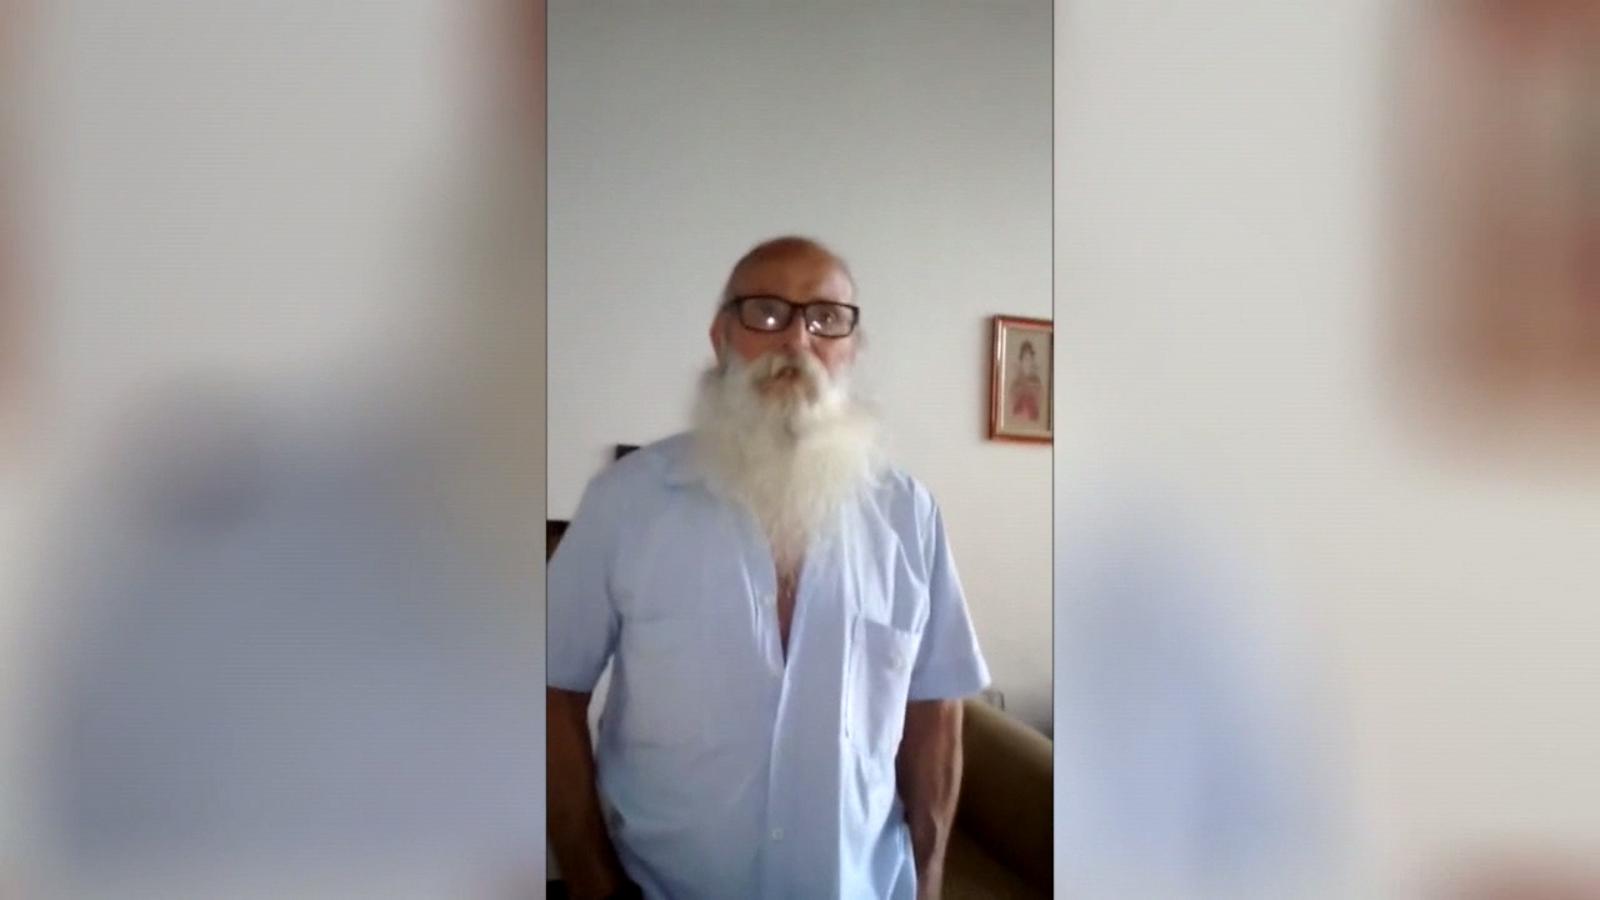 L'home proclama en el vídeo que està viu